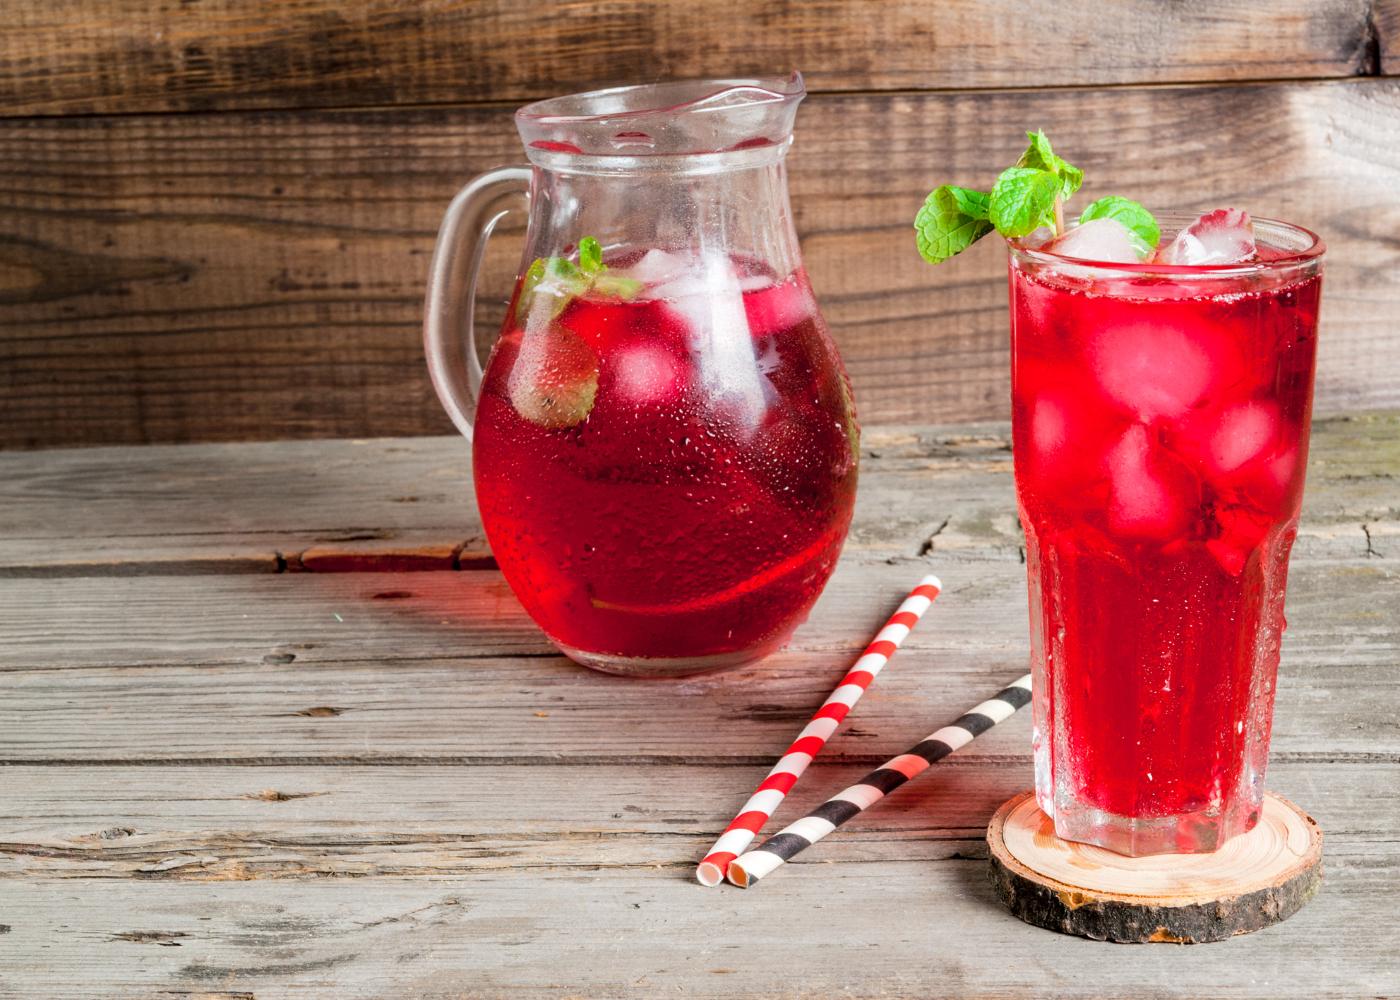 água aromatizada com frutos vermelhos